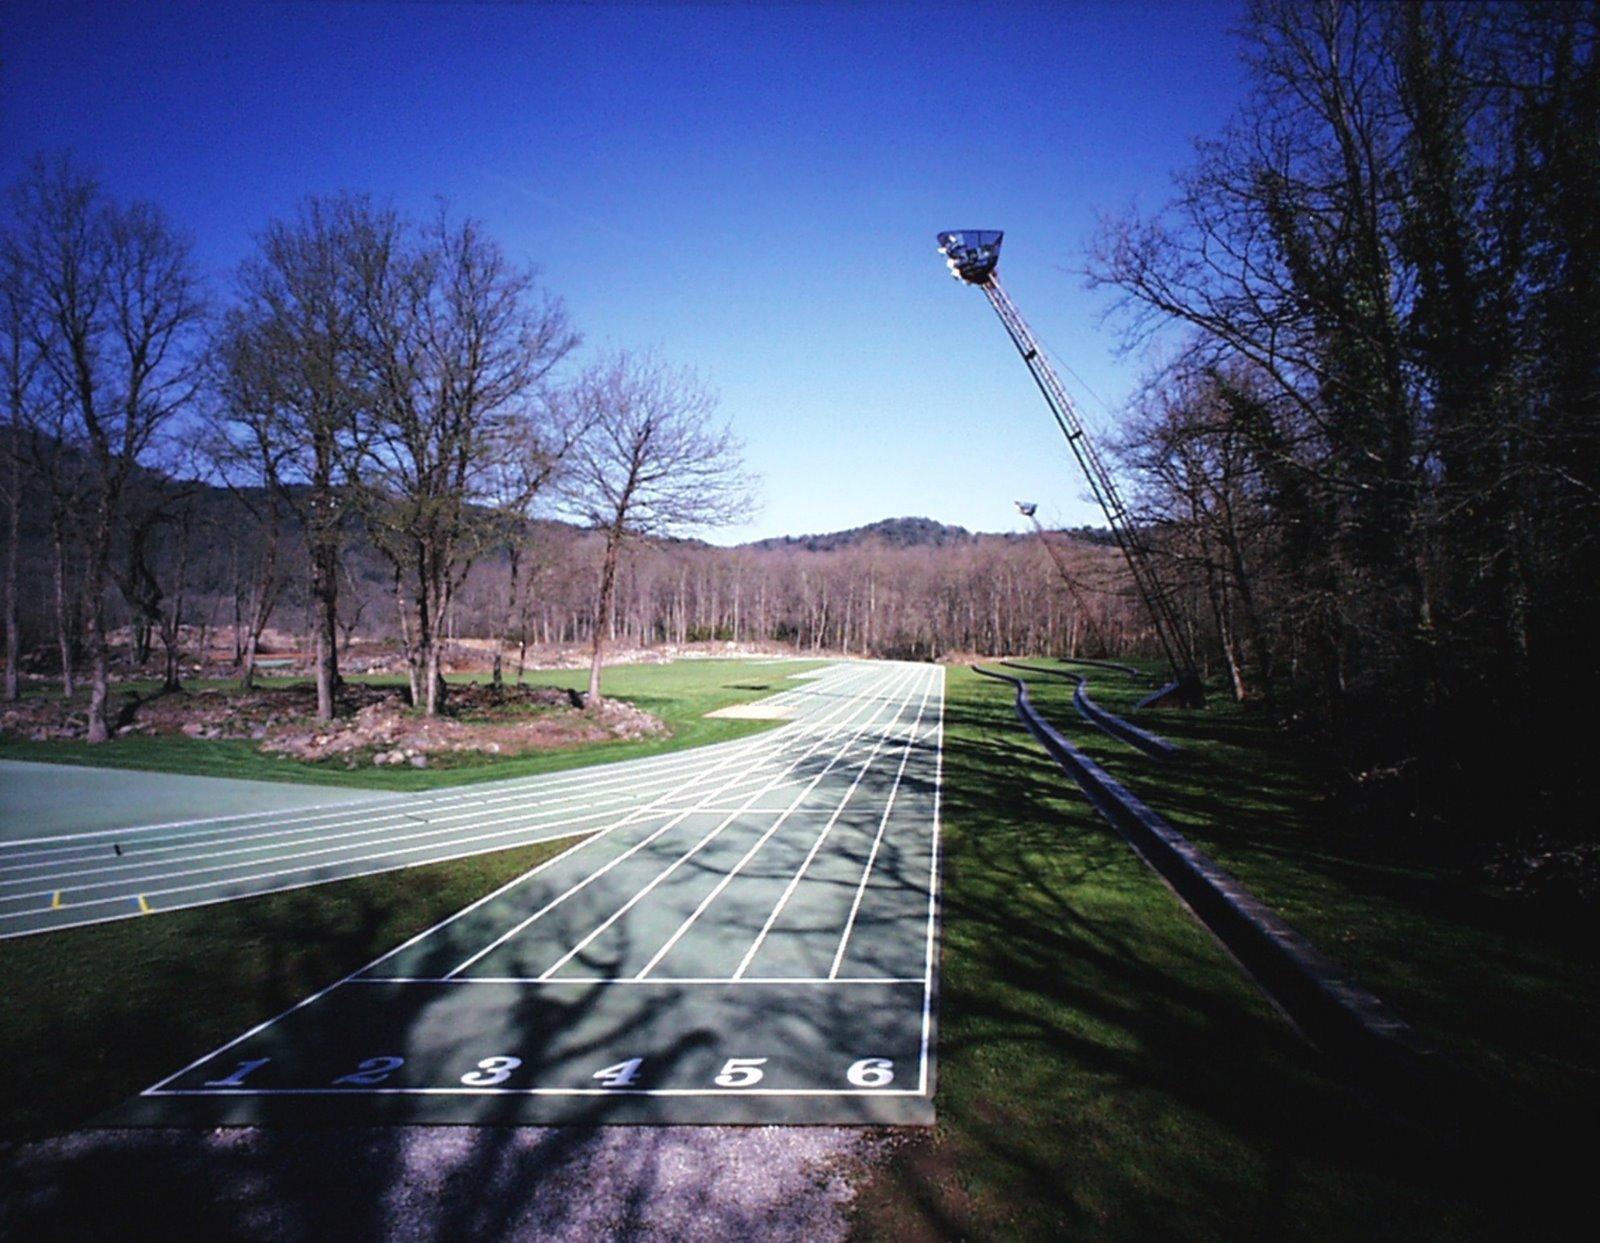 El Estadio de Atletismo Tussols-Basil en Olot